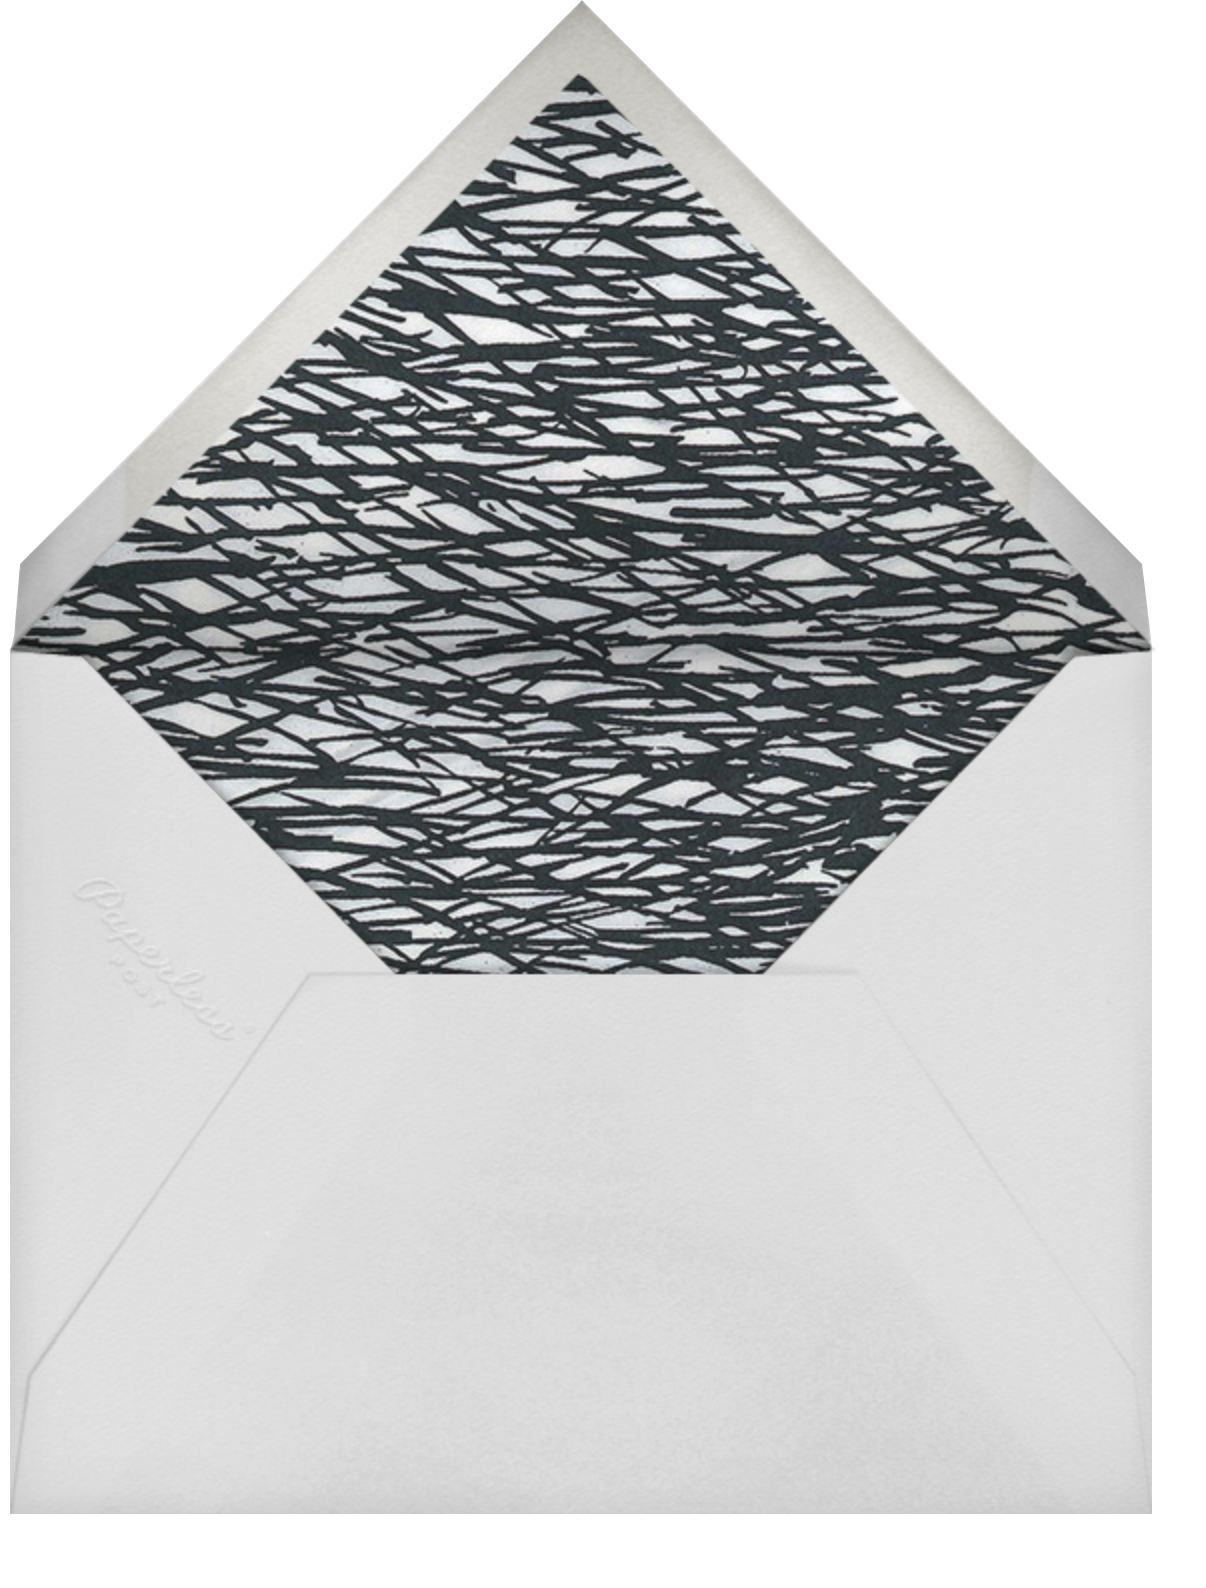 Velocity - Dark - Kelly Wearstler - Envelope